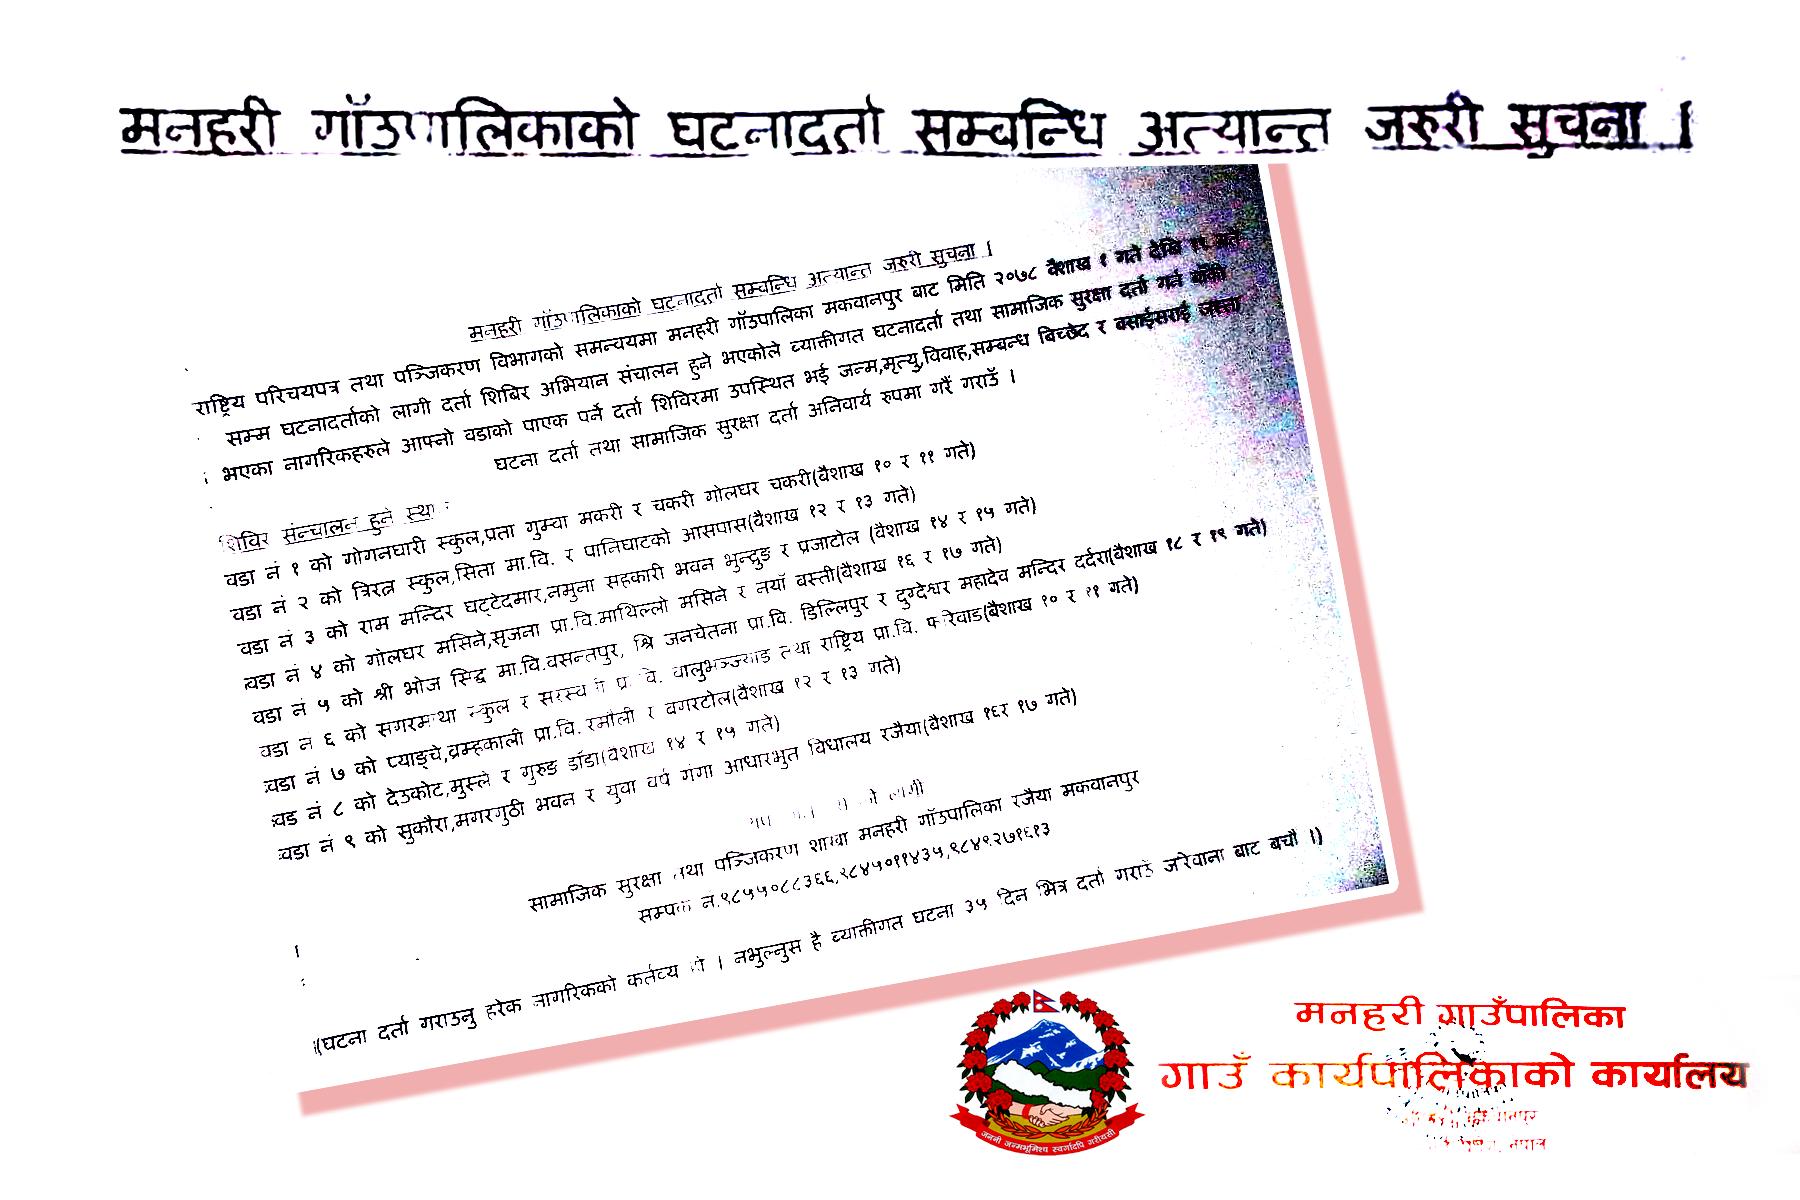 Manahari Gaunpalika Notice